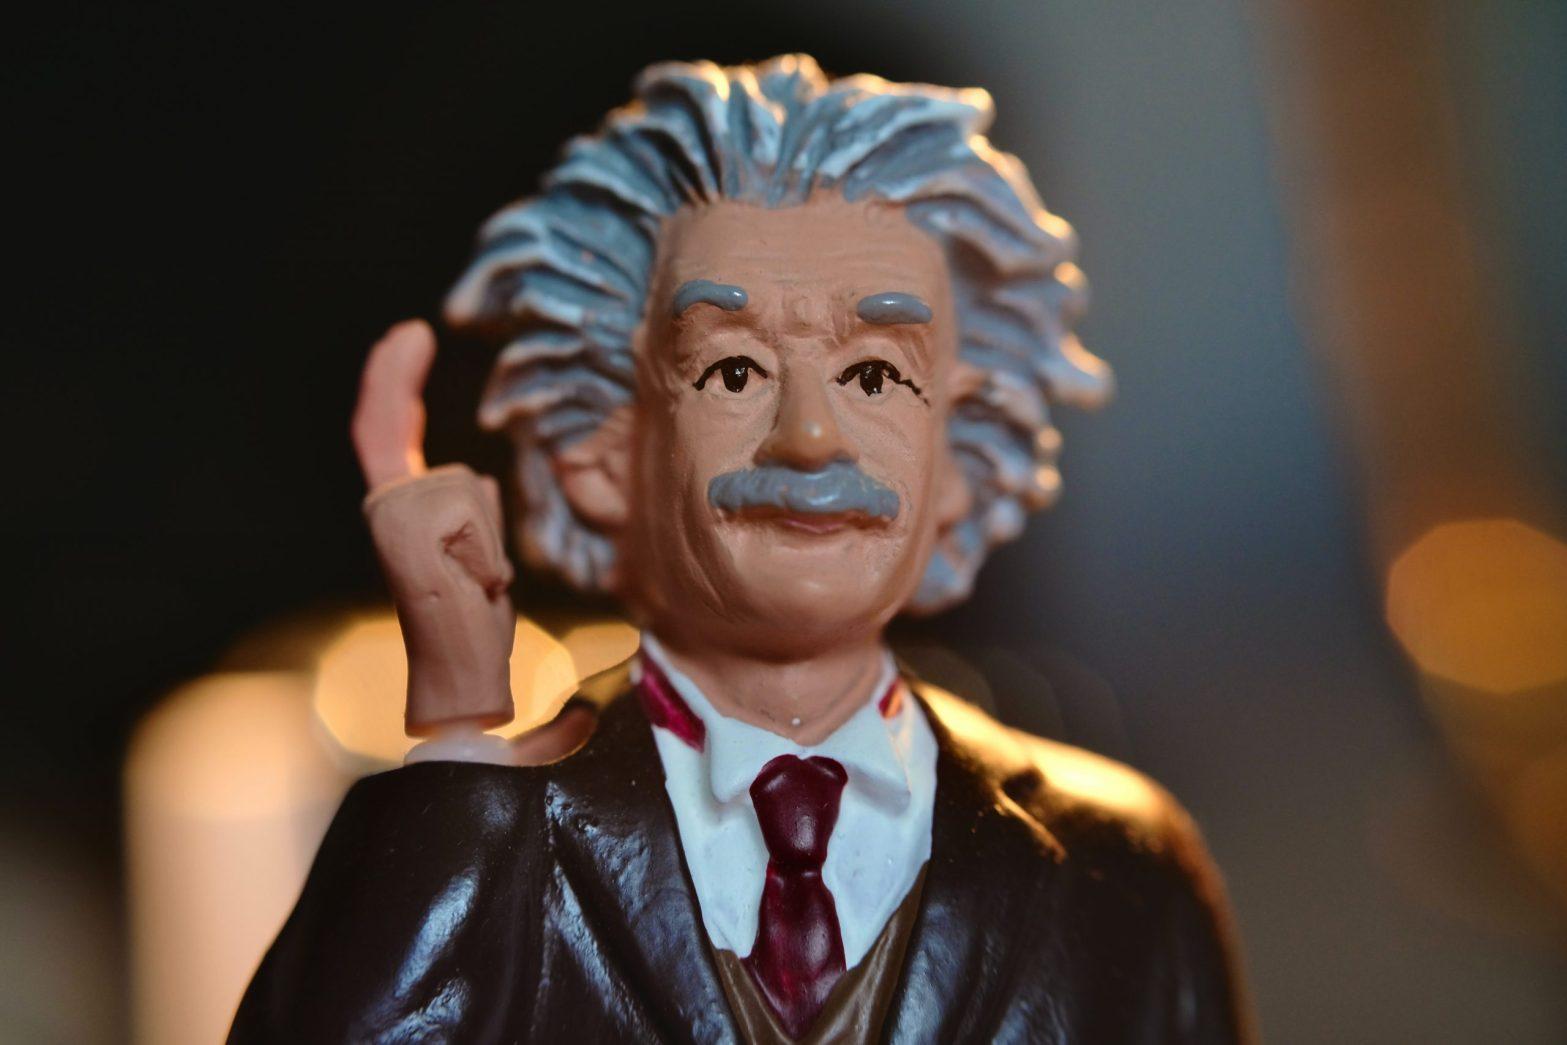 Albert Einstein bobblehead - getting unstuck